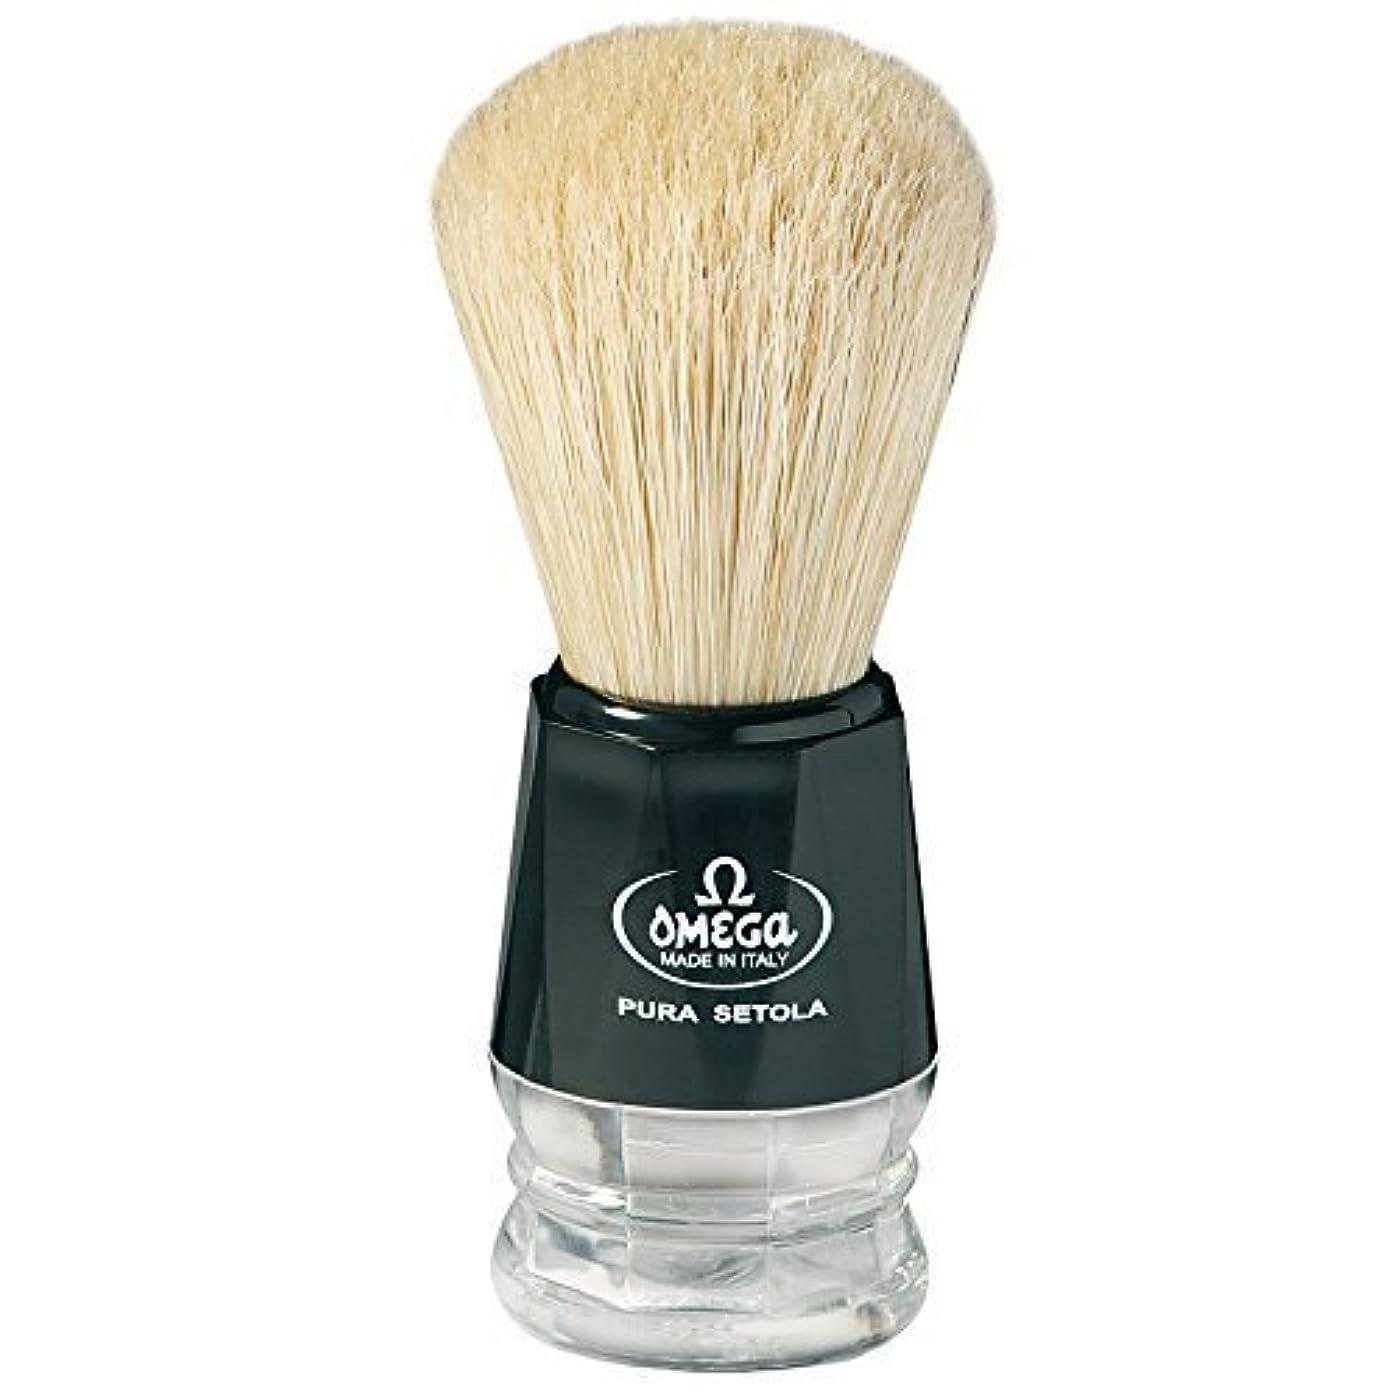 思春期びっくりした期待Omega S-Brush Fiber Shaving Brush- S10019 [並行輸入品]